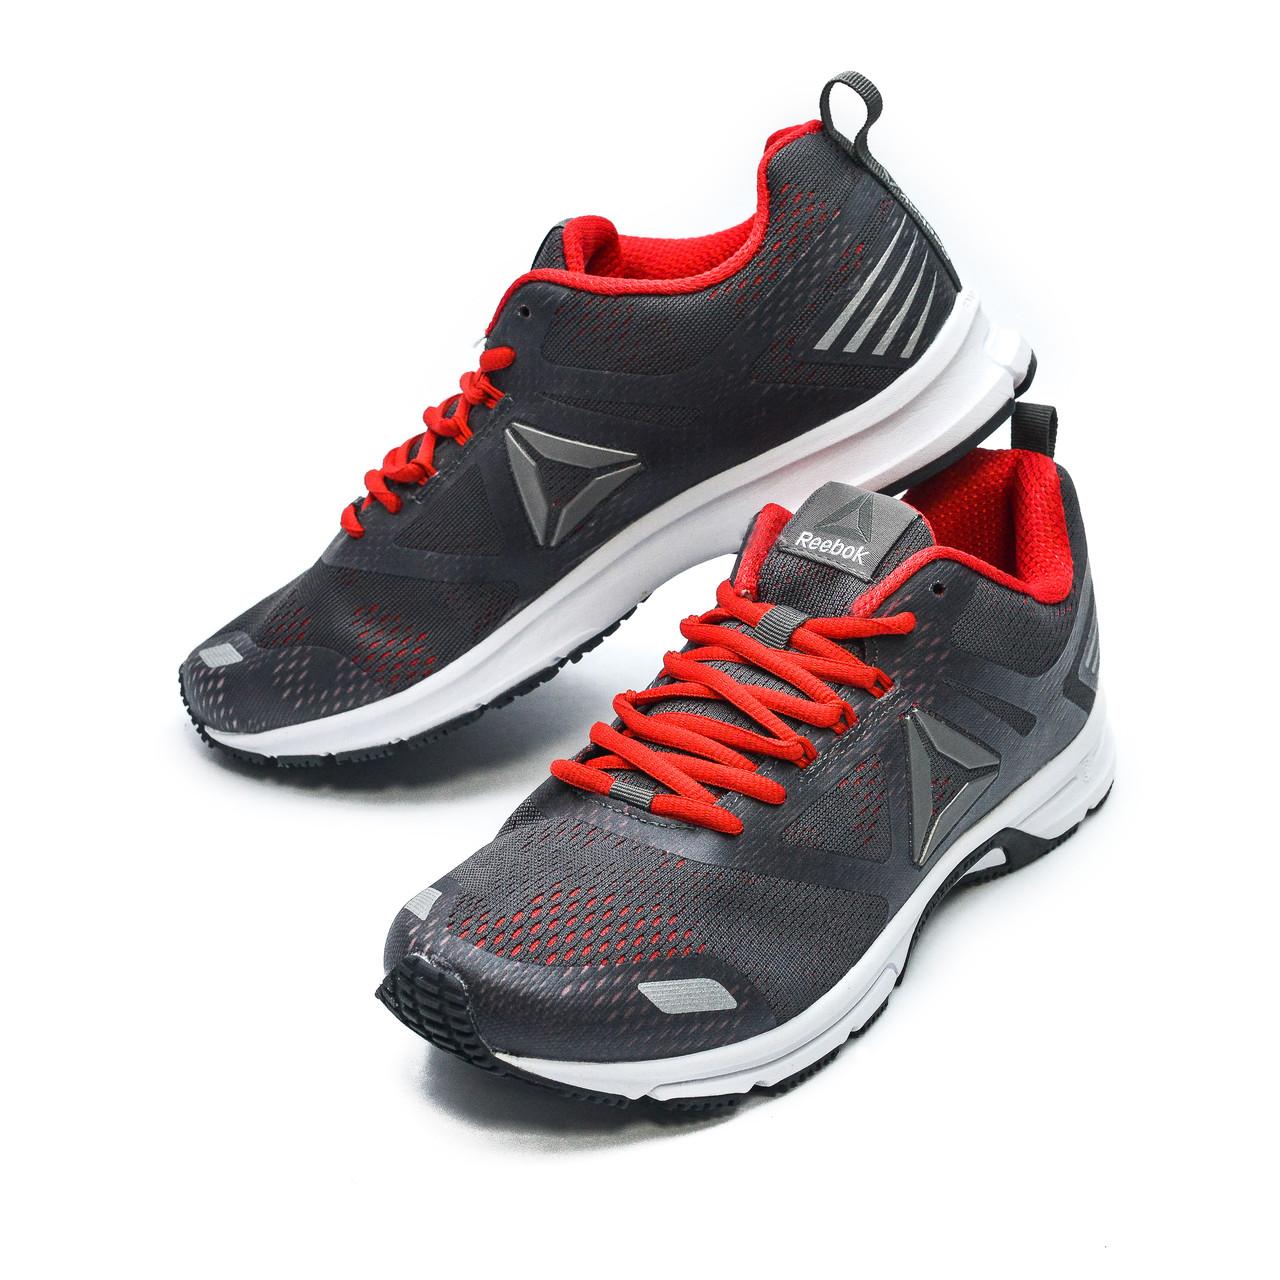 Оригинальные мужские кроссовки Reebok Ahary Runner